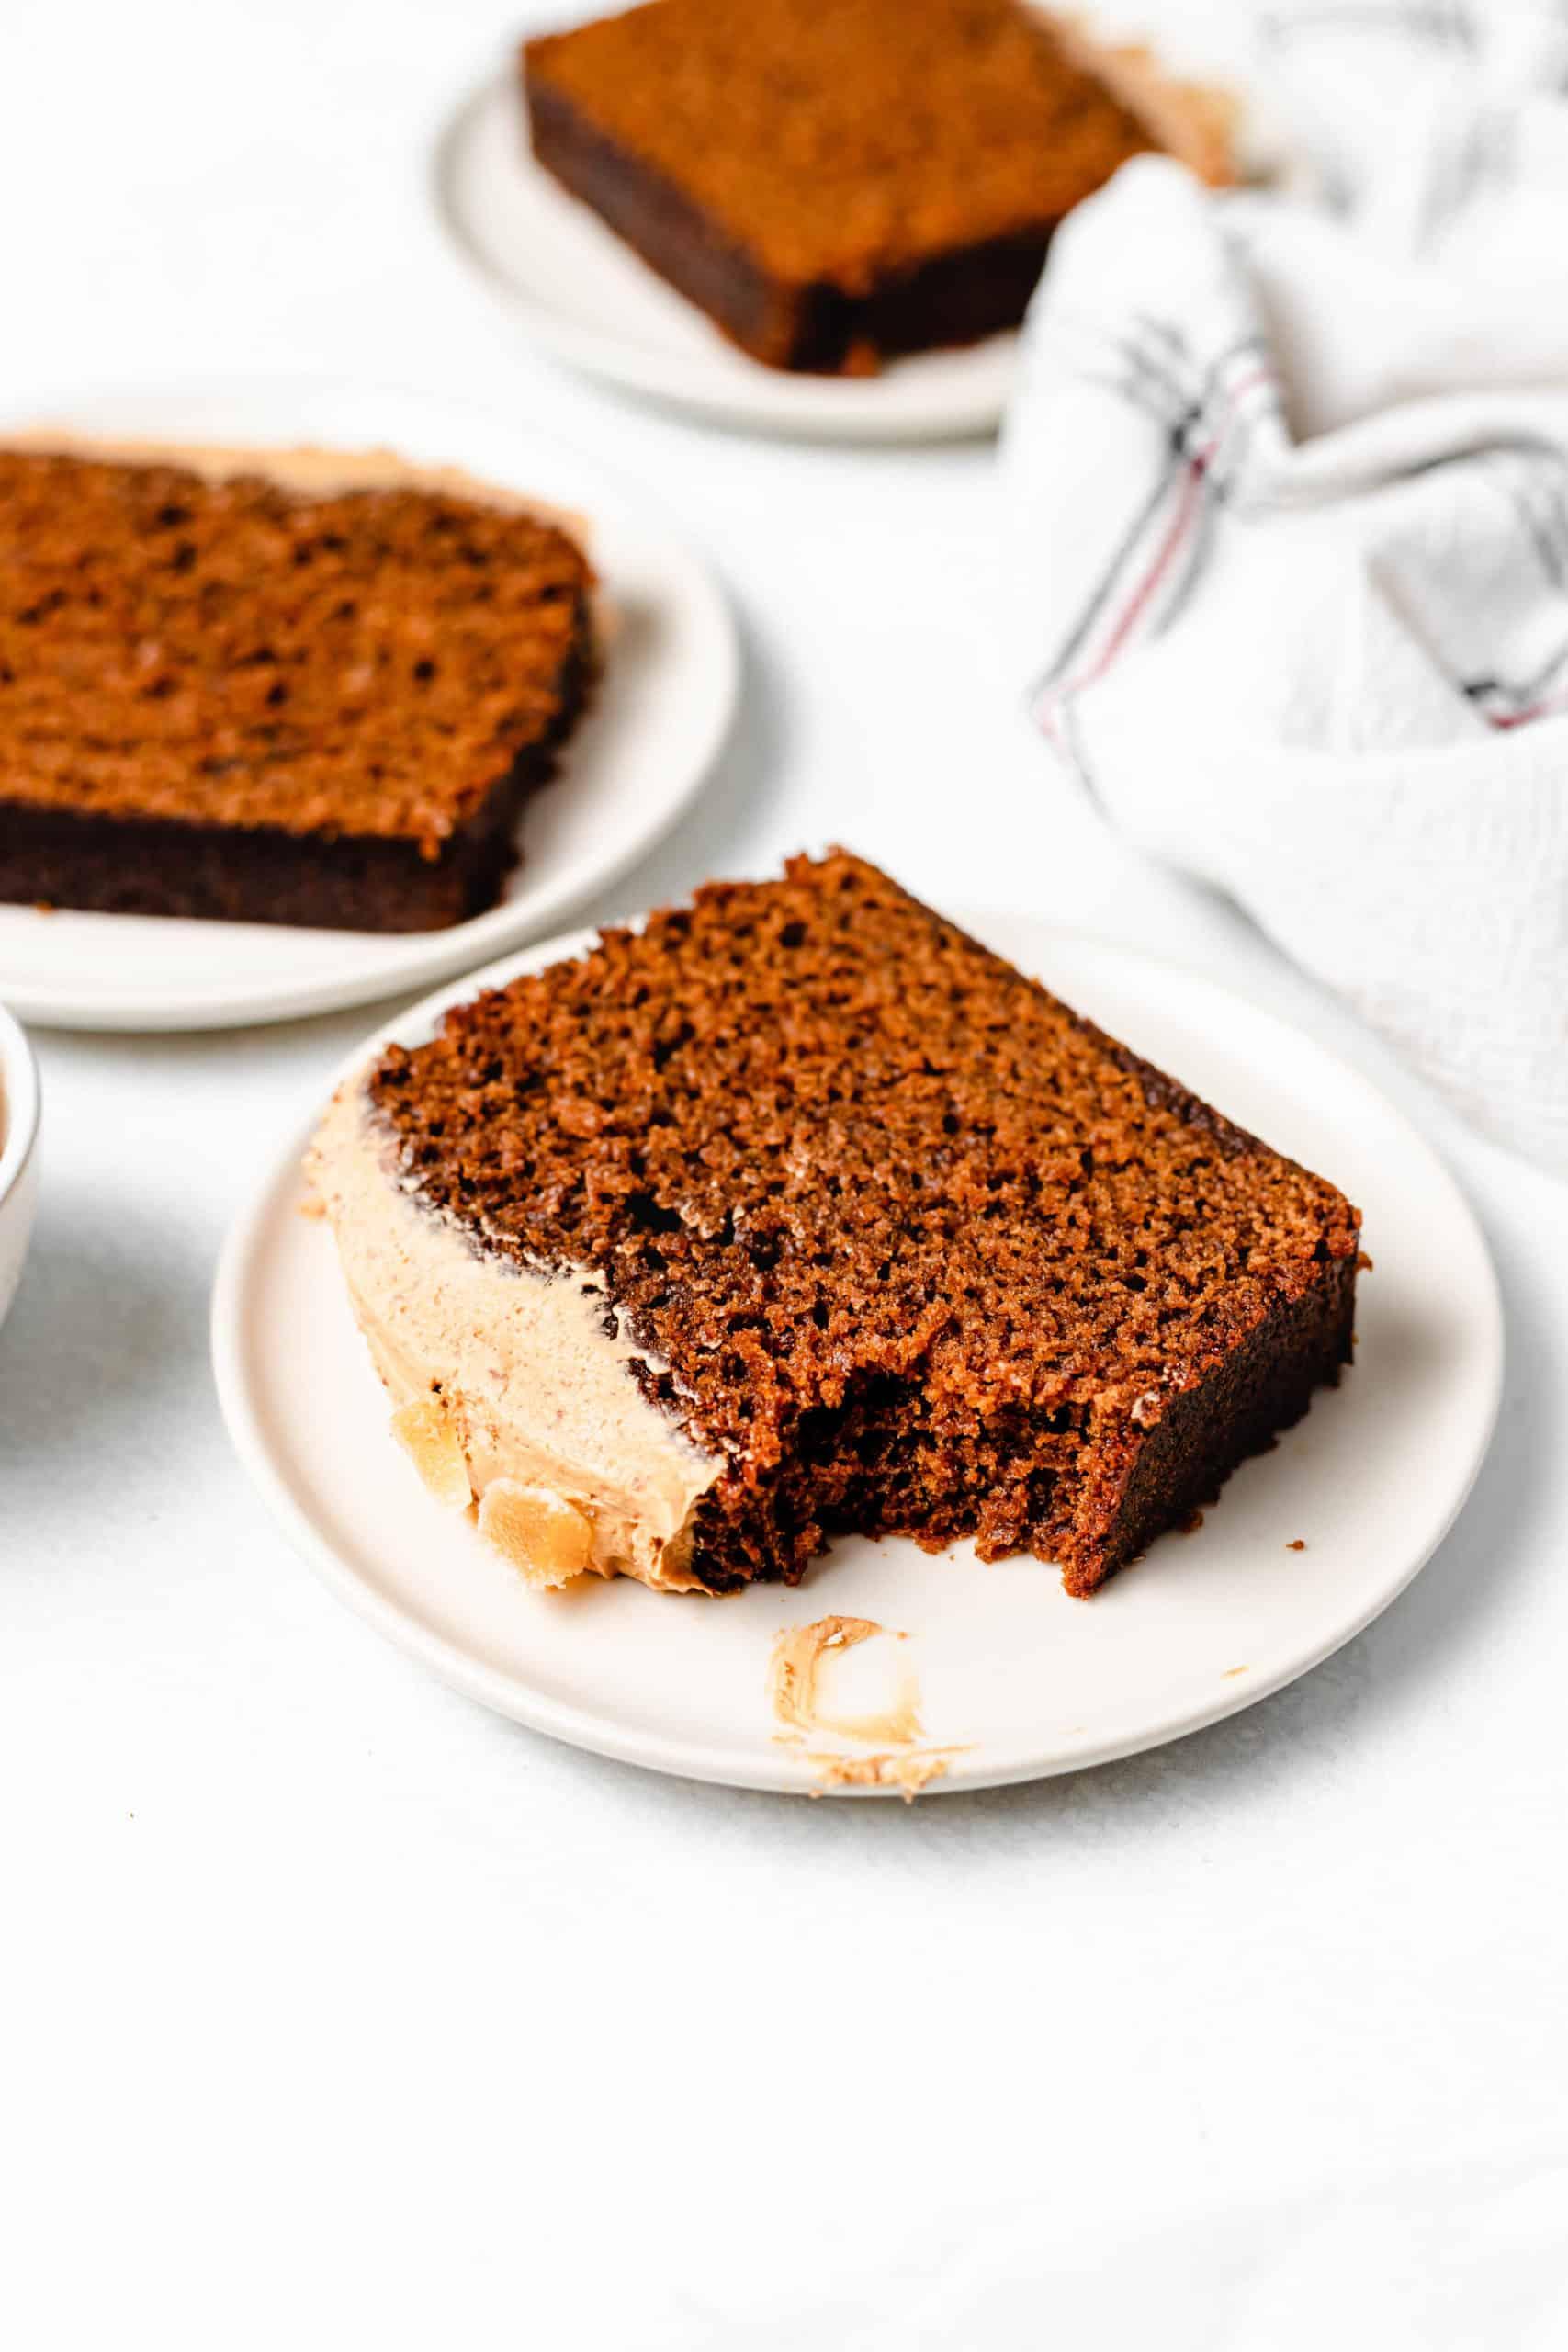 slice of moist gingerbread loaf